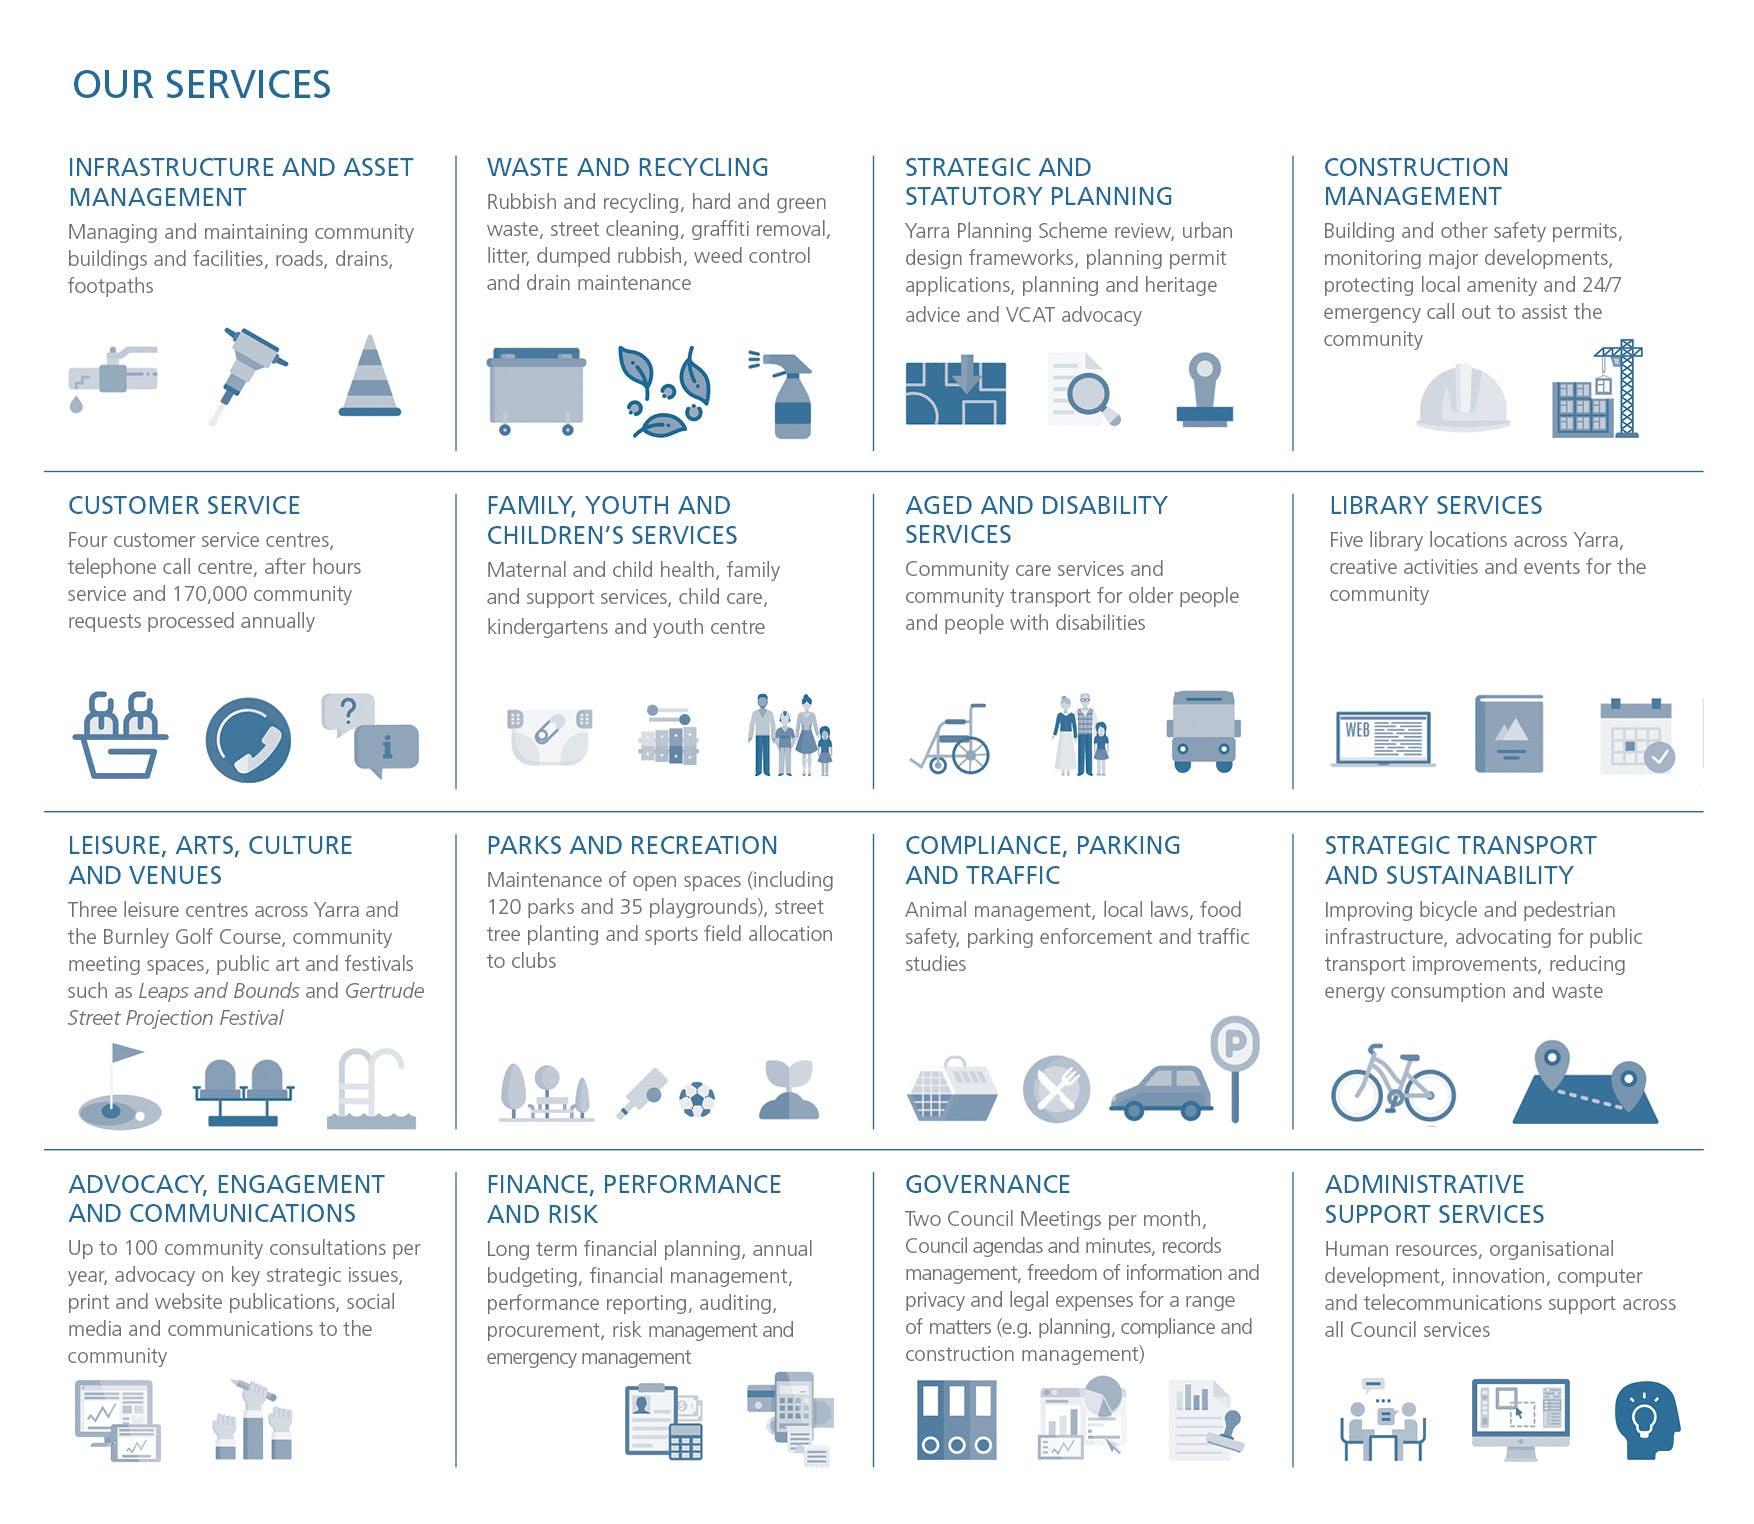 Our Services Diagram